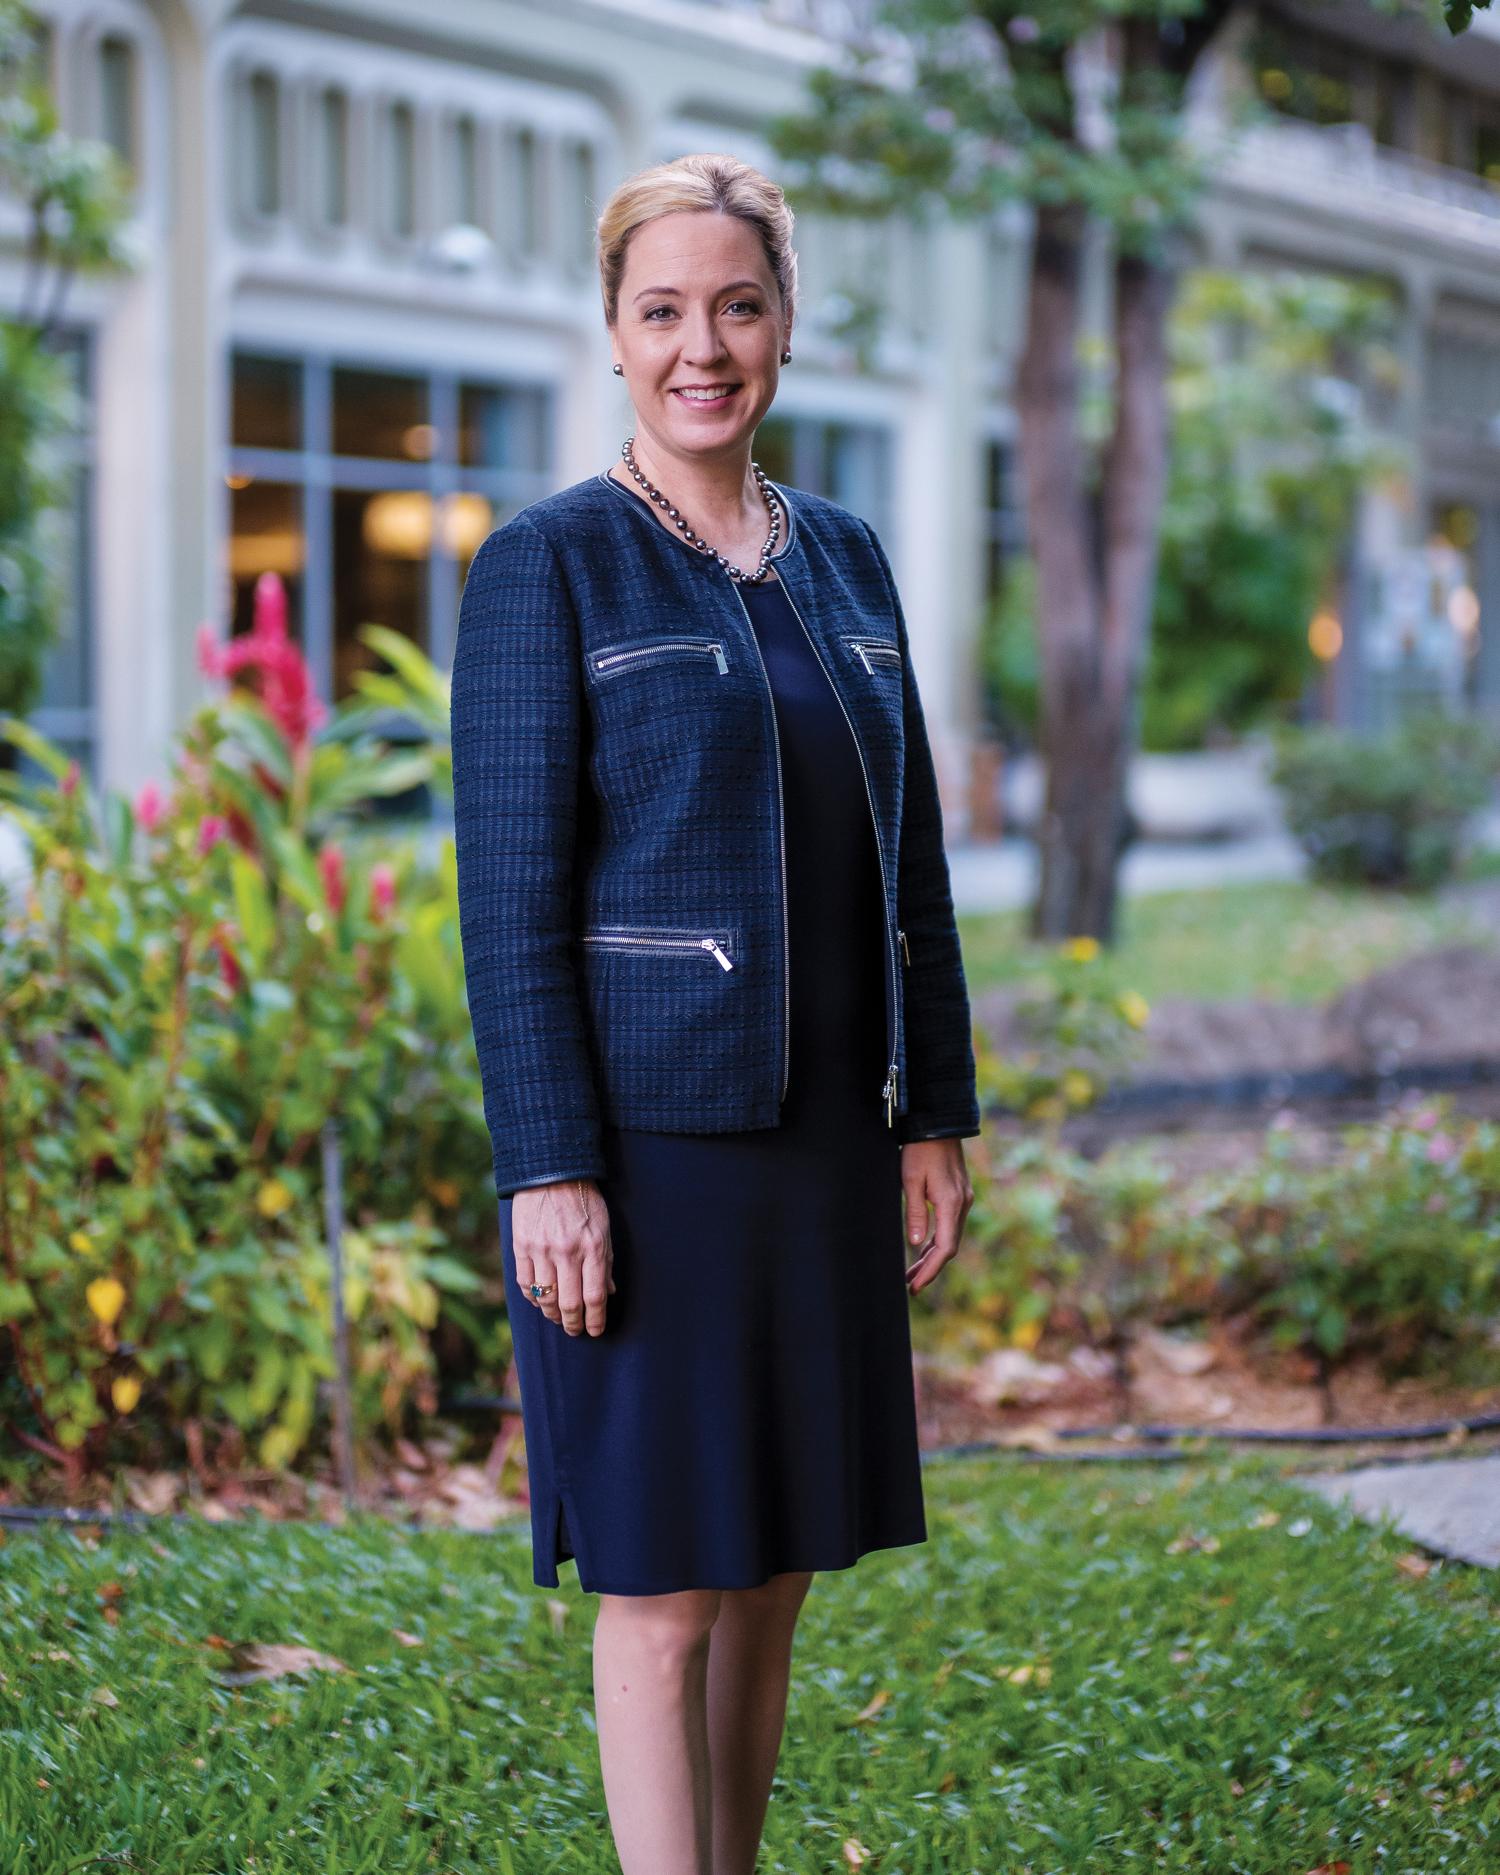 2020 Women Of Distinction Suzie Schulberg